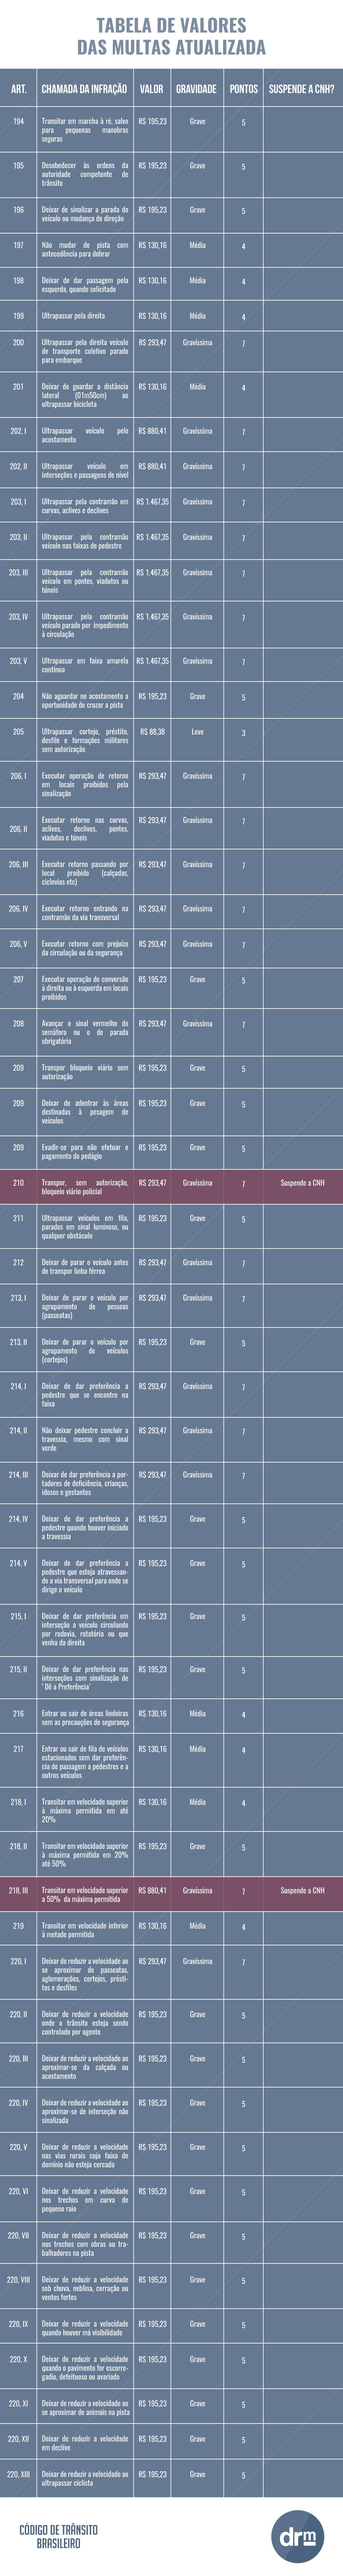 Tabela de multas atualizada - parte 2